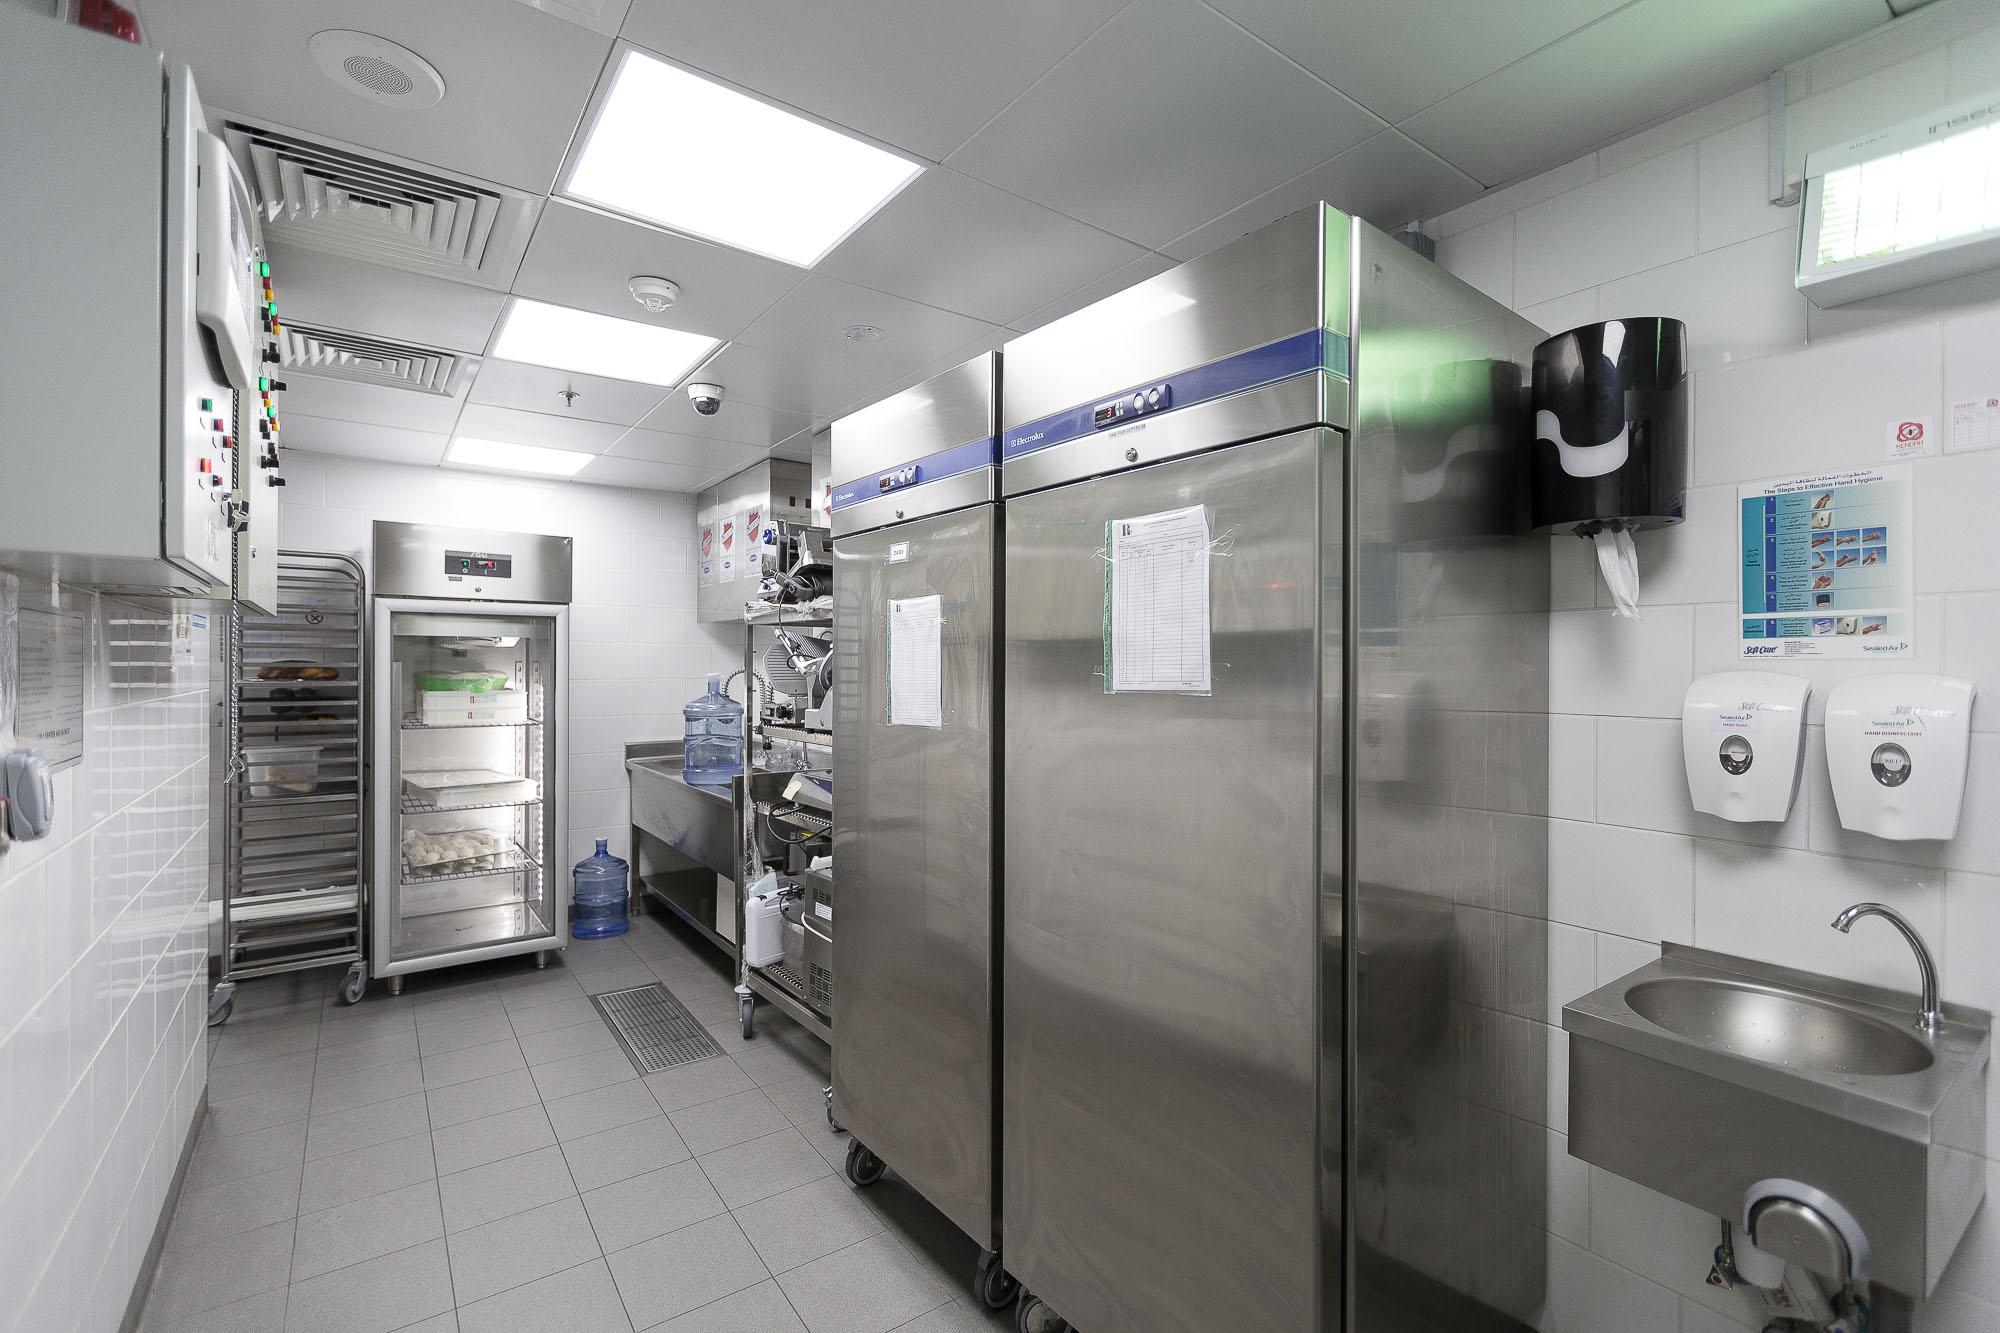 italia_kitchen_robertos_abu_dhabi_17